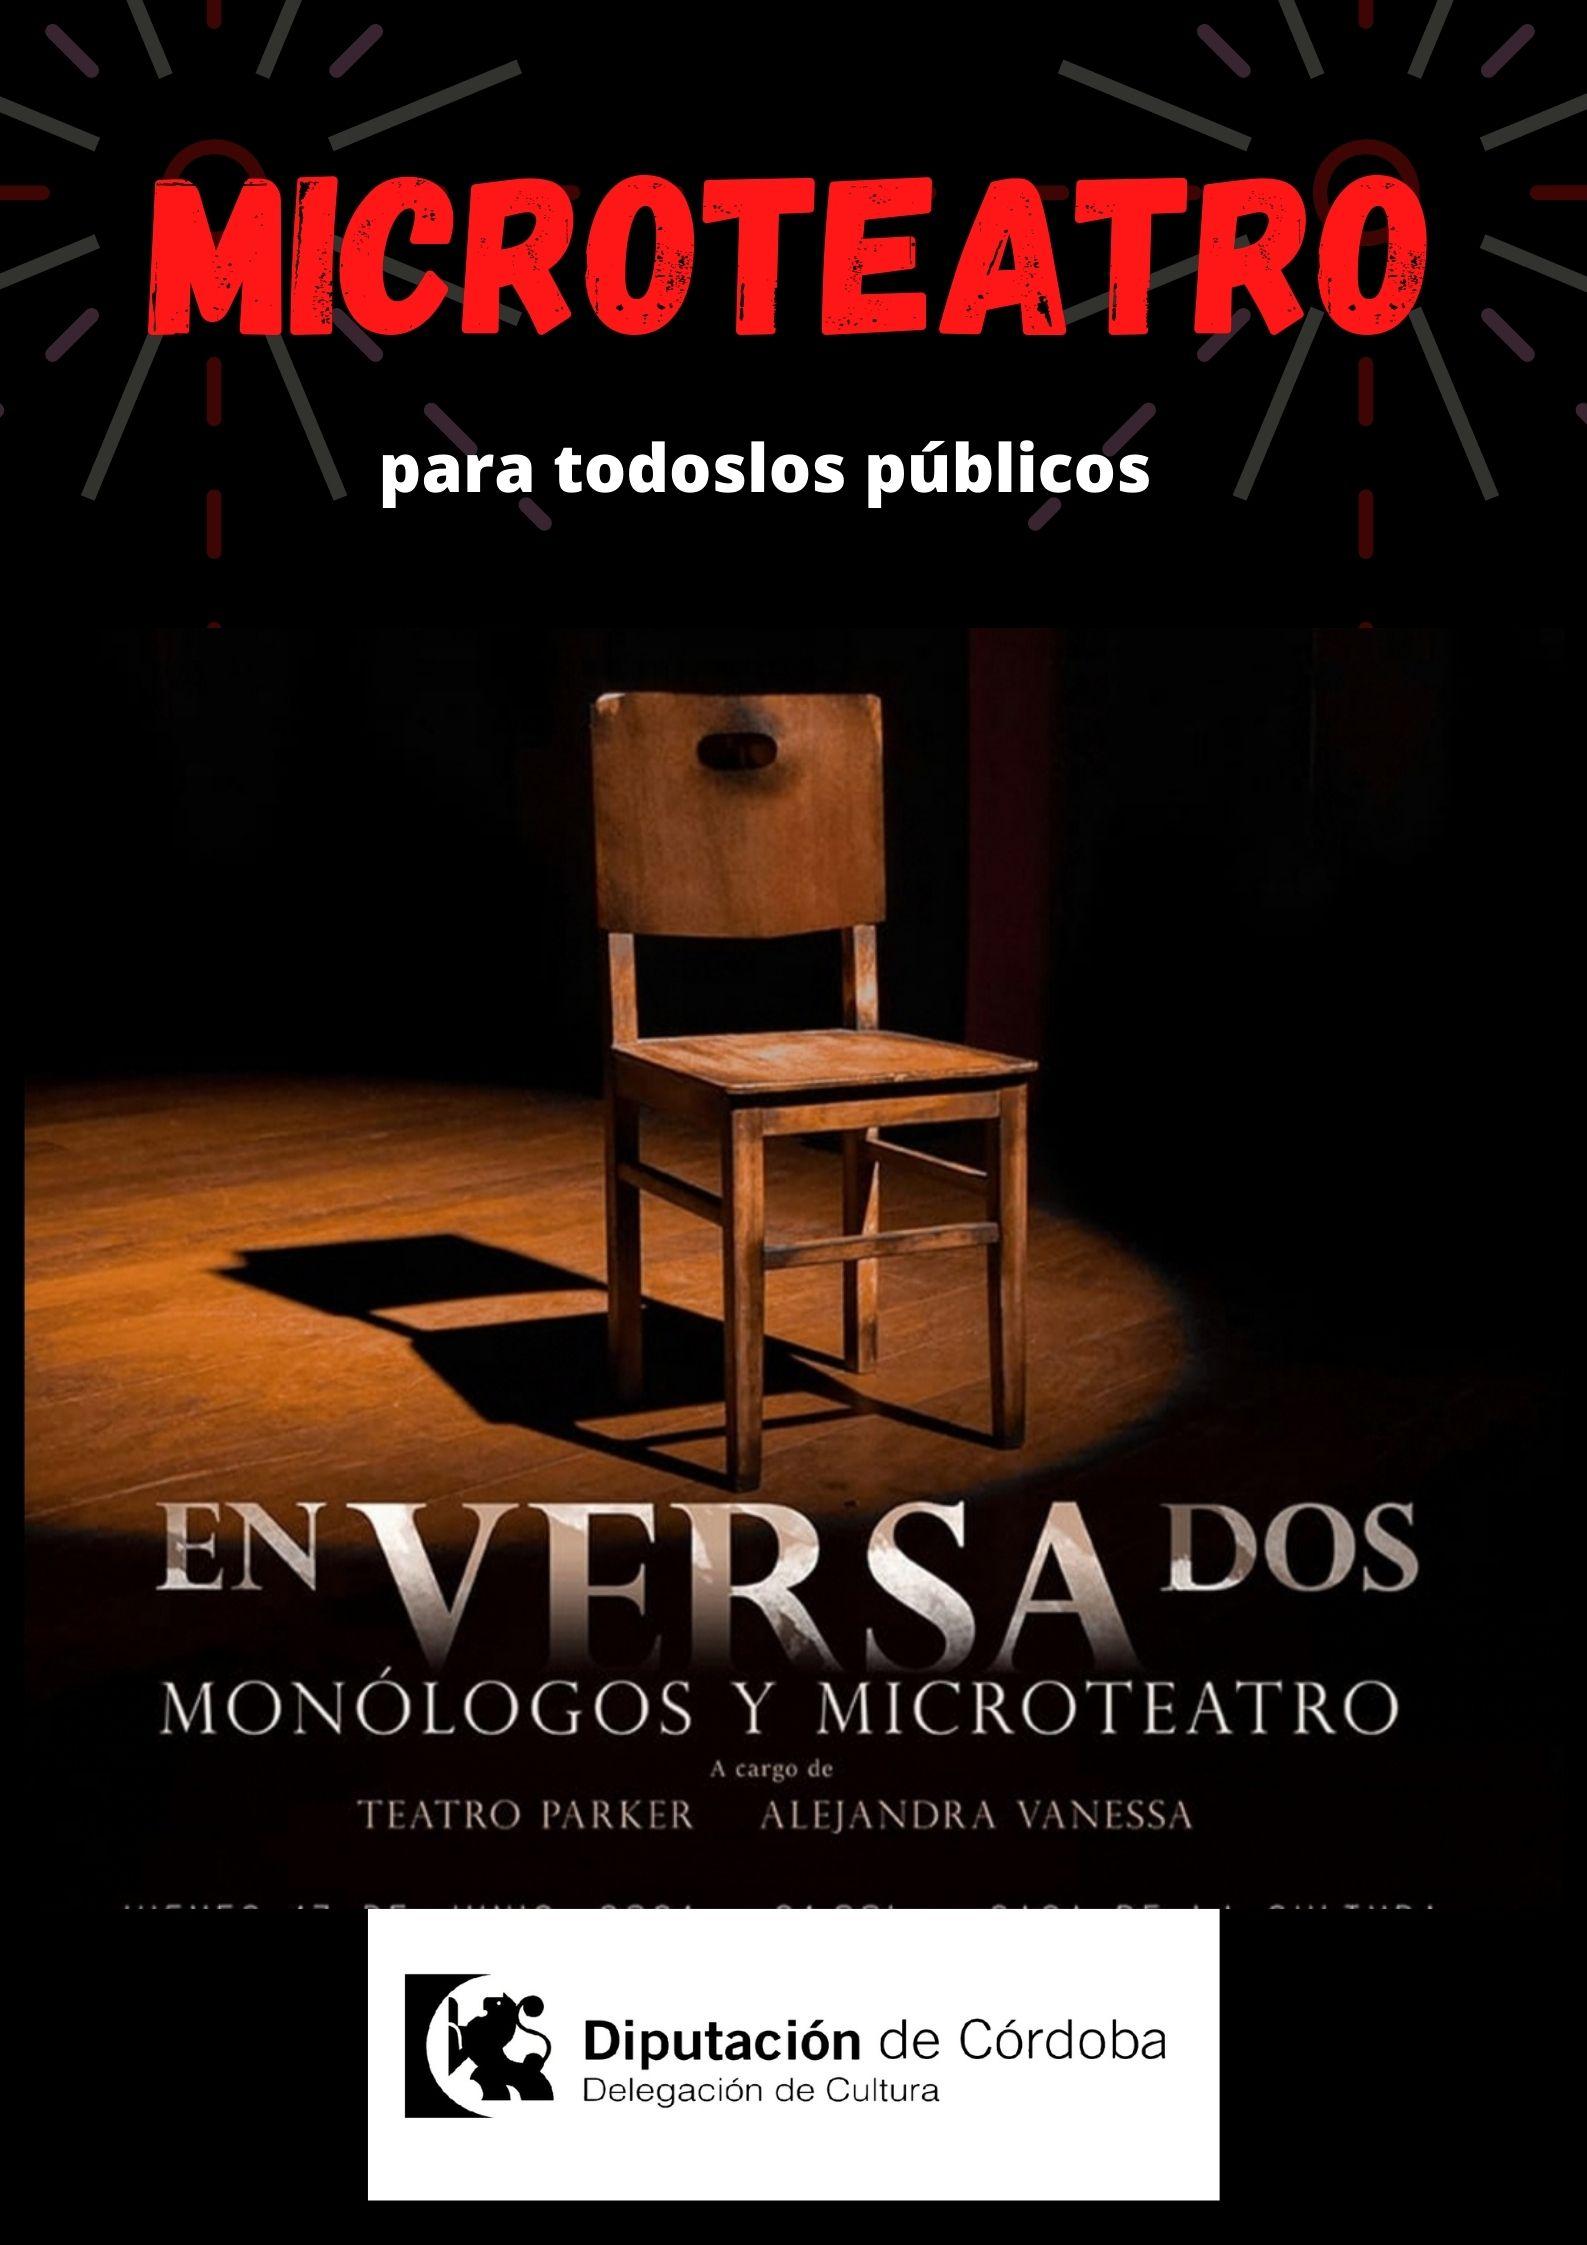 Enversados acercará a distintos municipios de la provincia un espectáculo en el que se mezcla el teatro clásico y el contemporáneo